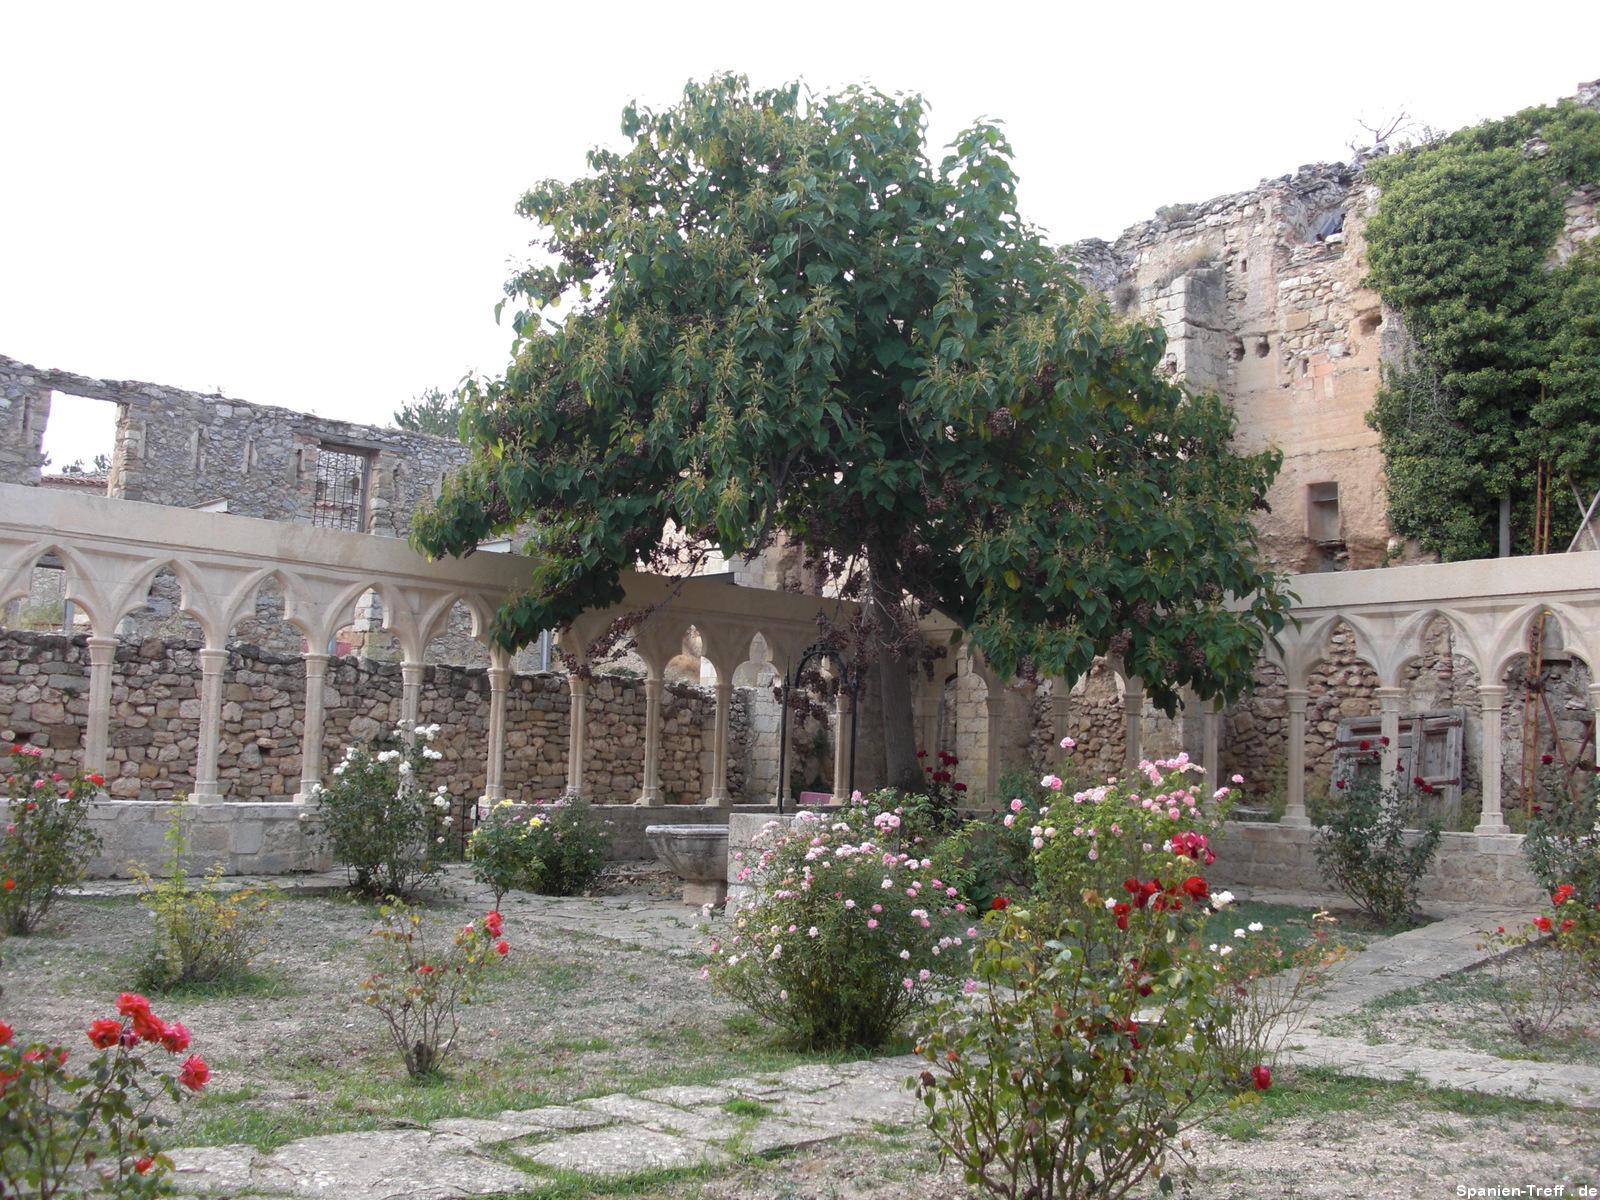 Rosengarten mit Baum in Morella